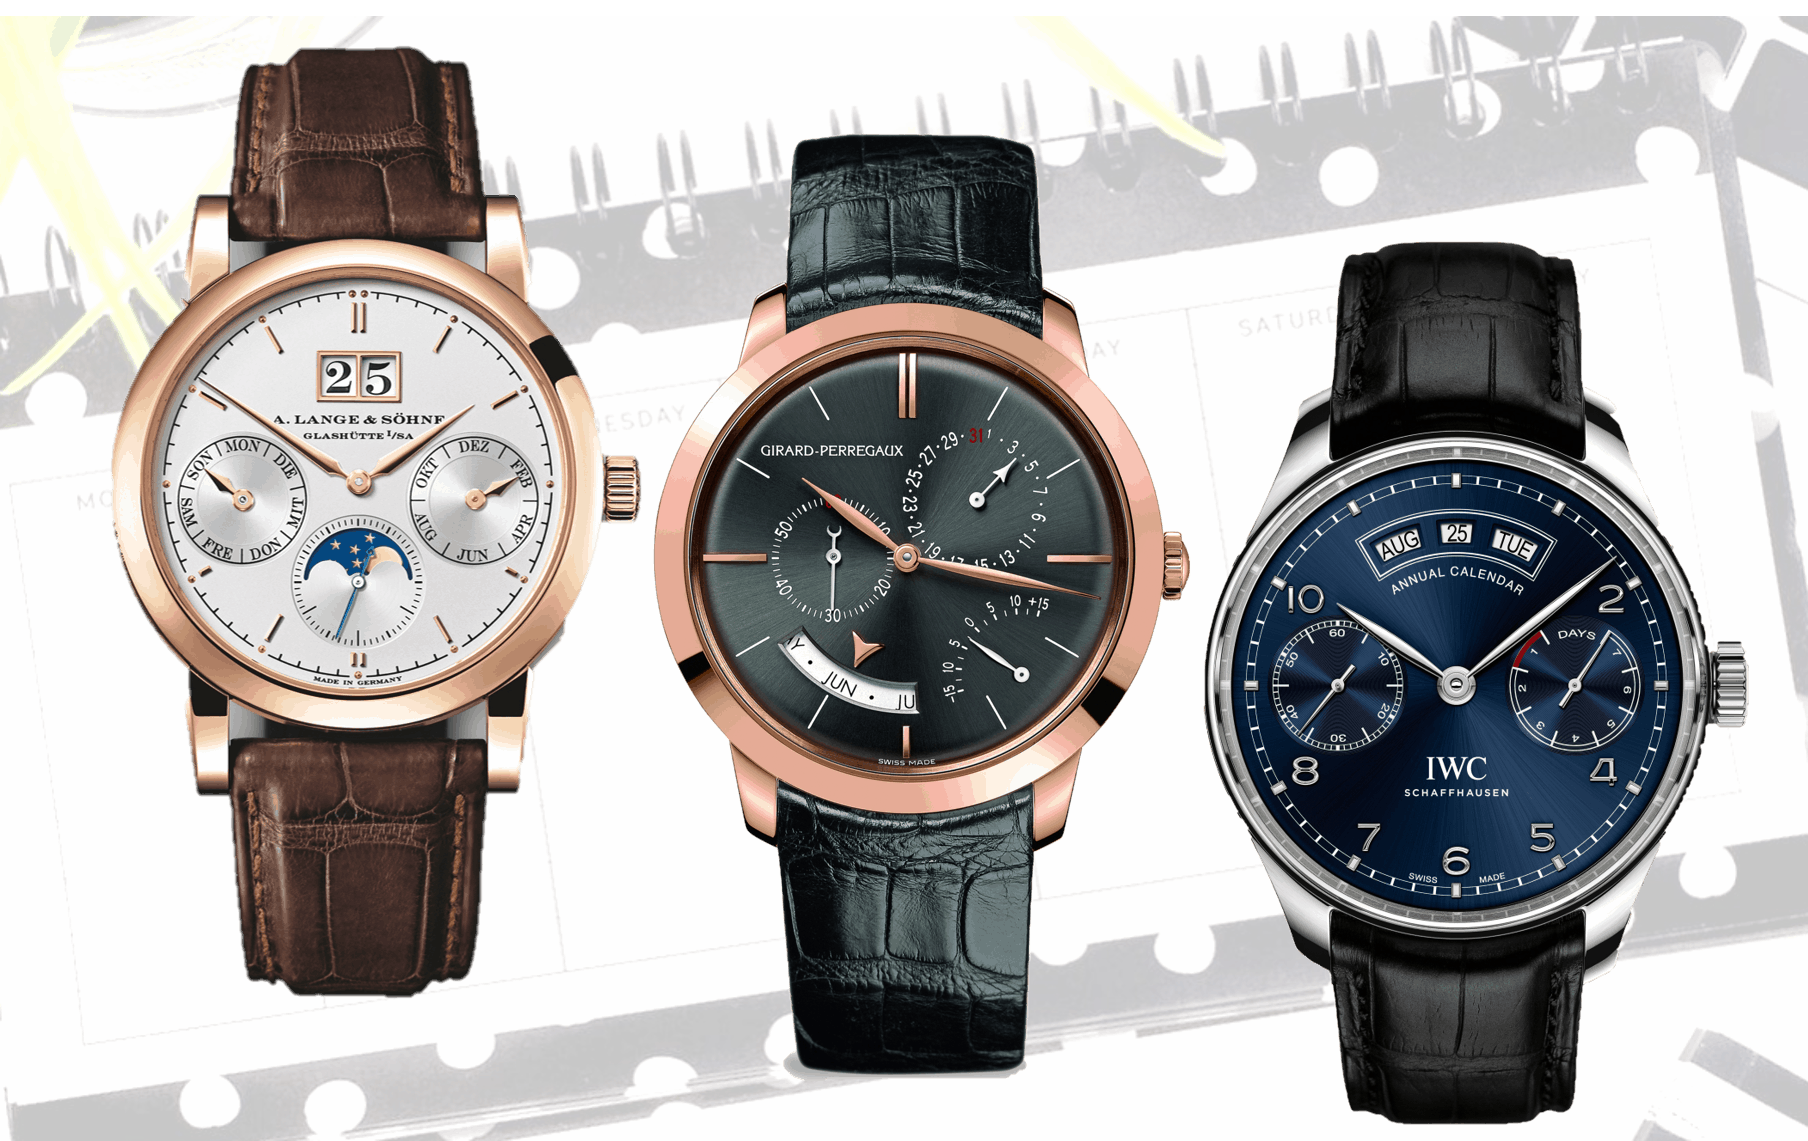 Drei hochwertige Uhren mit feine Technik und Schönheit